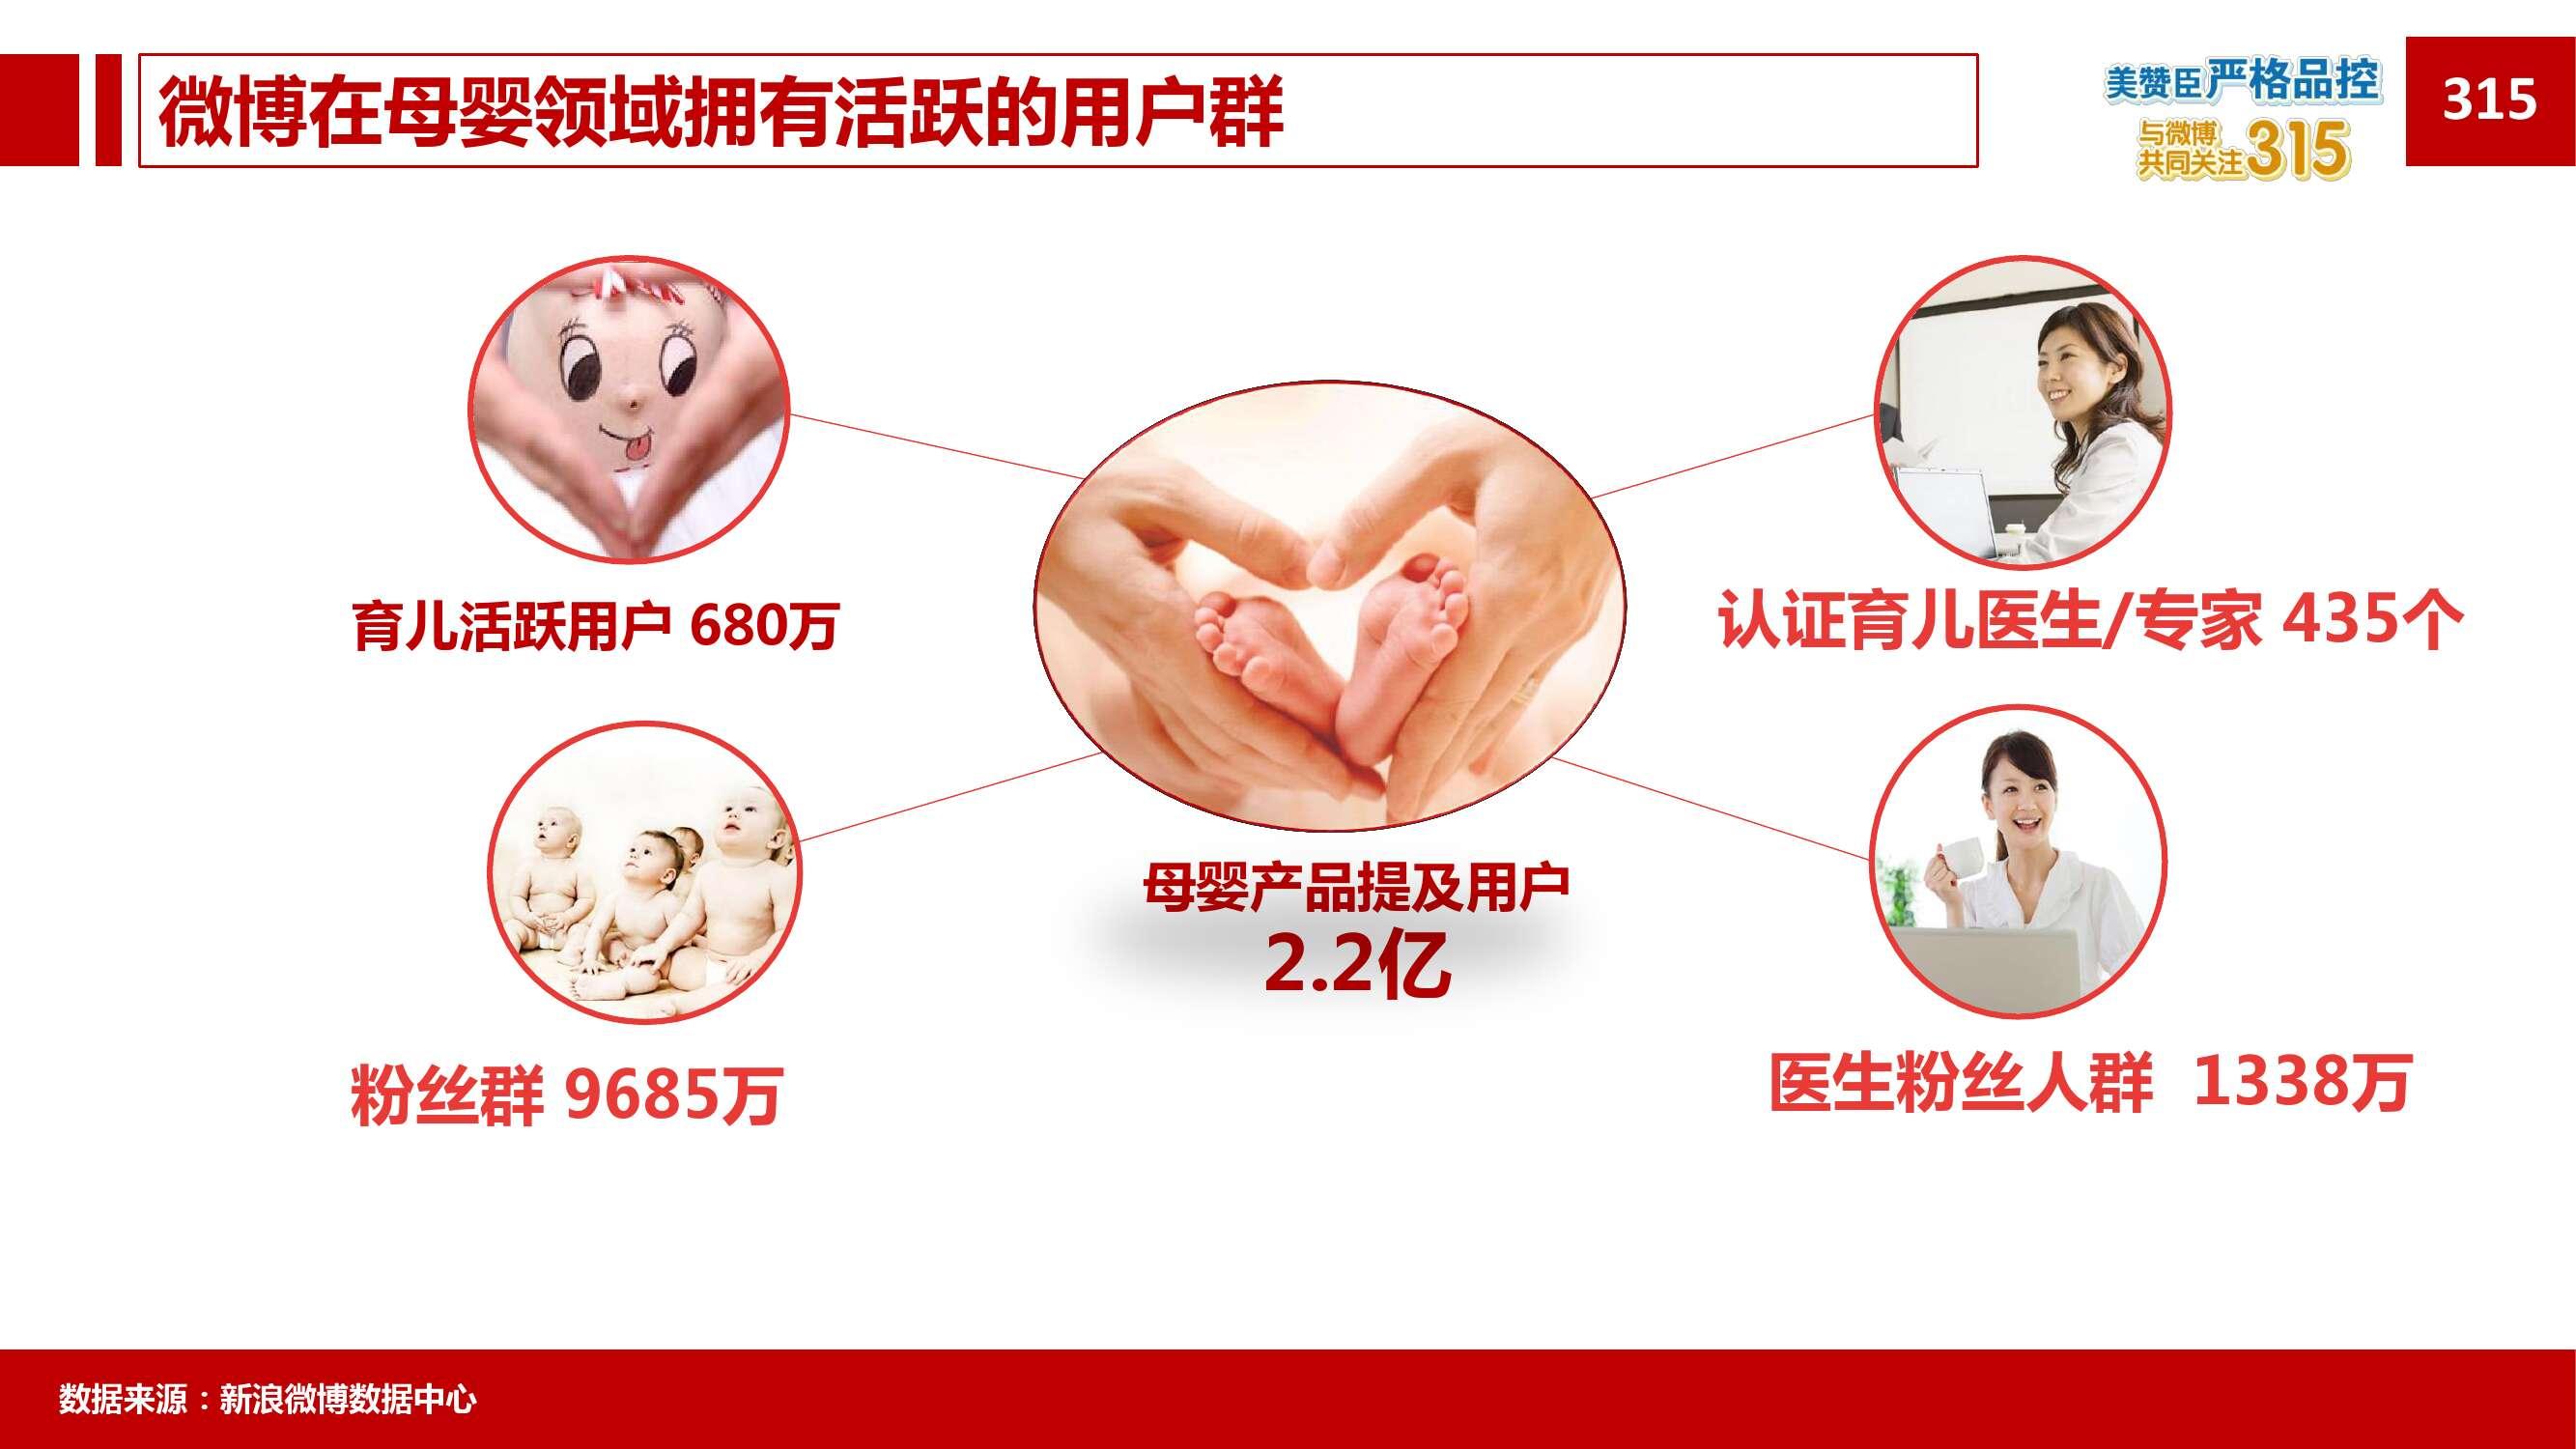 2015年微博消费者白皮书_000079